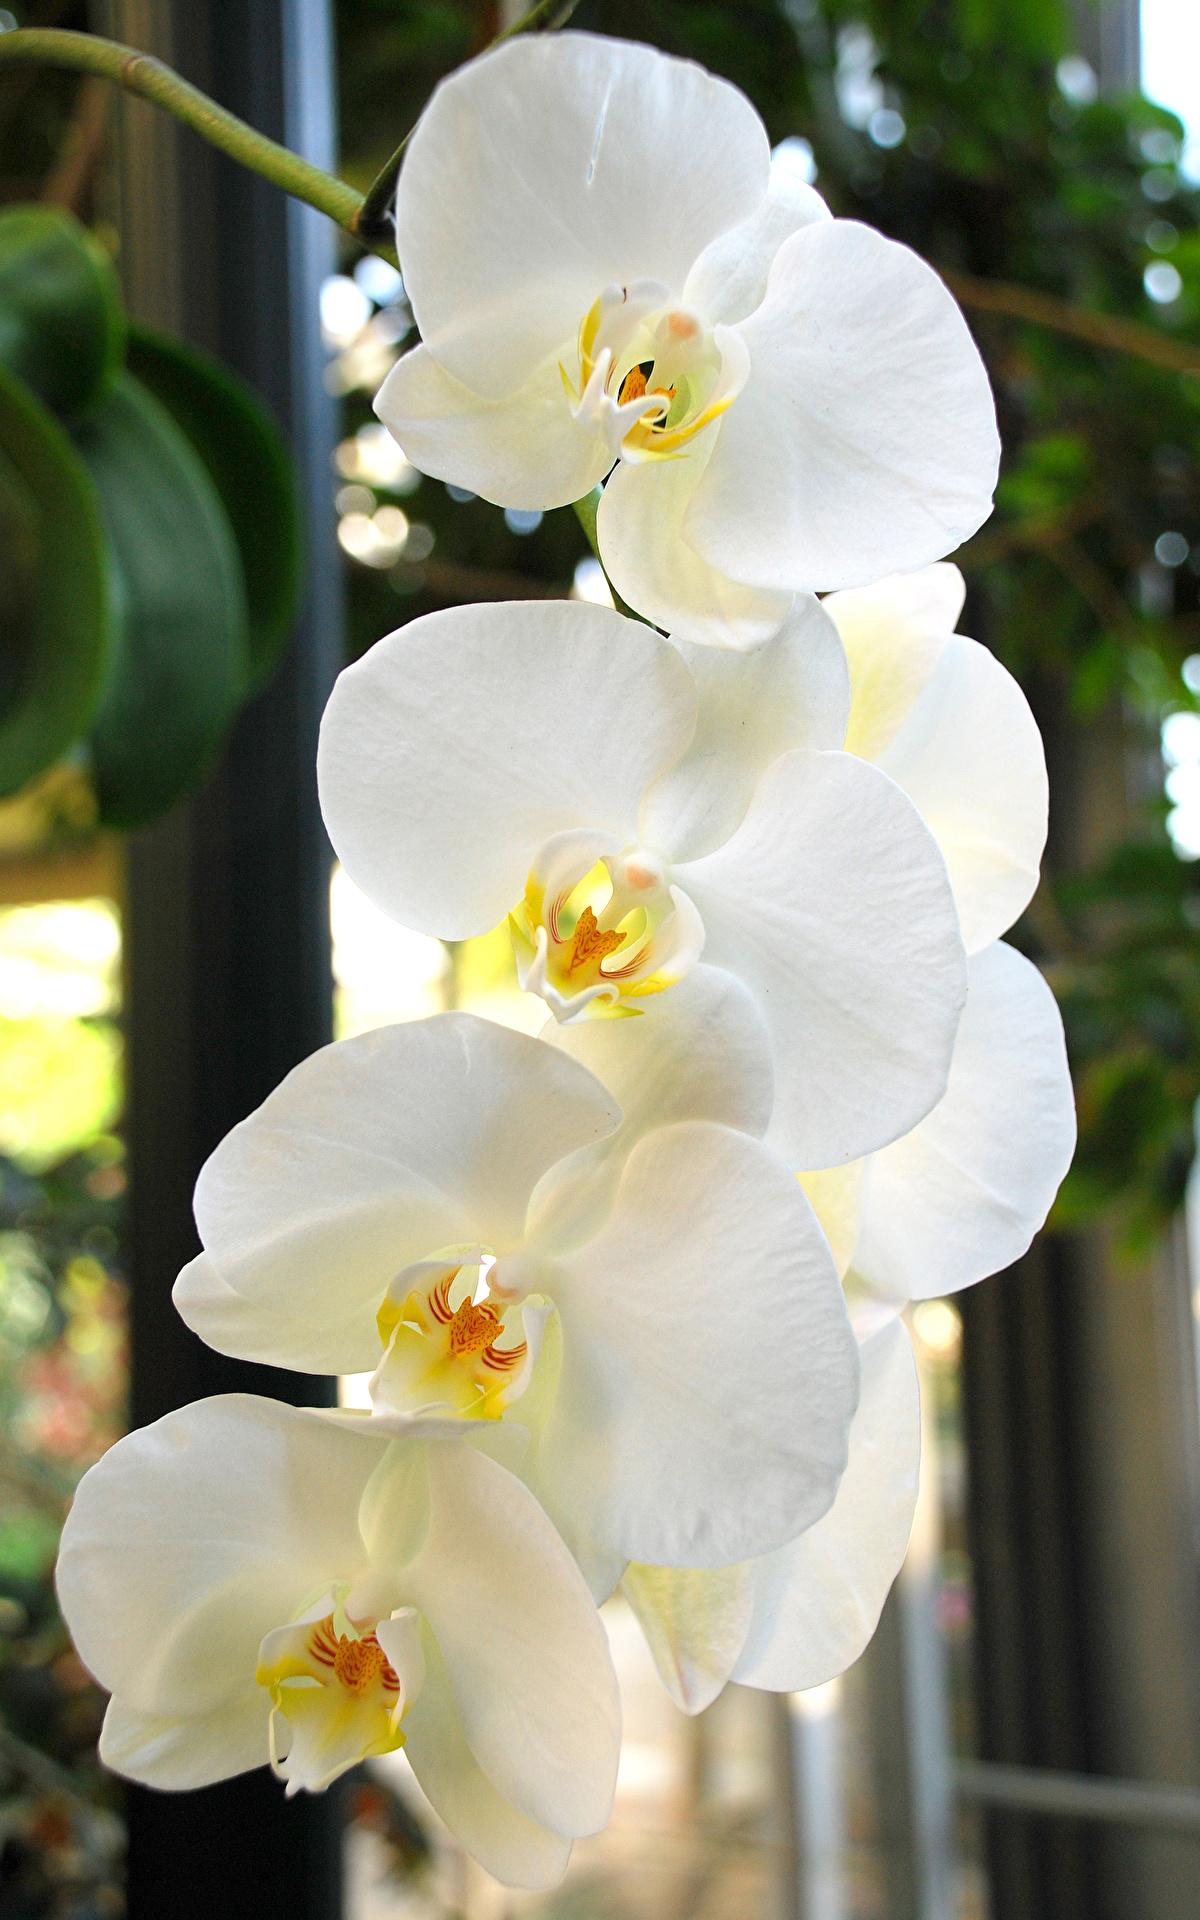 Fotos von Weiß Orchideen Blumen Großansicht 1200x1920